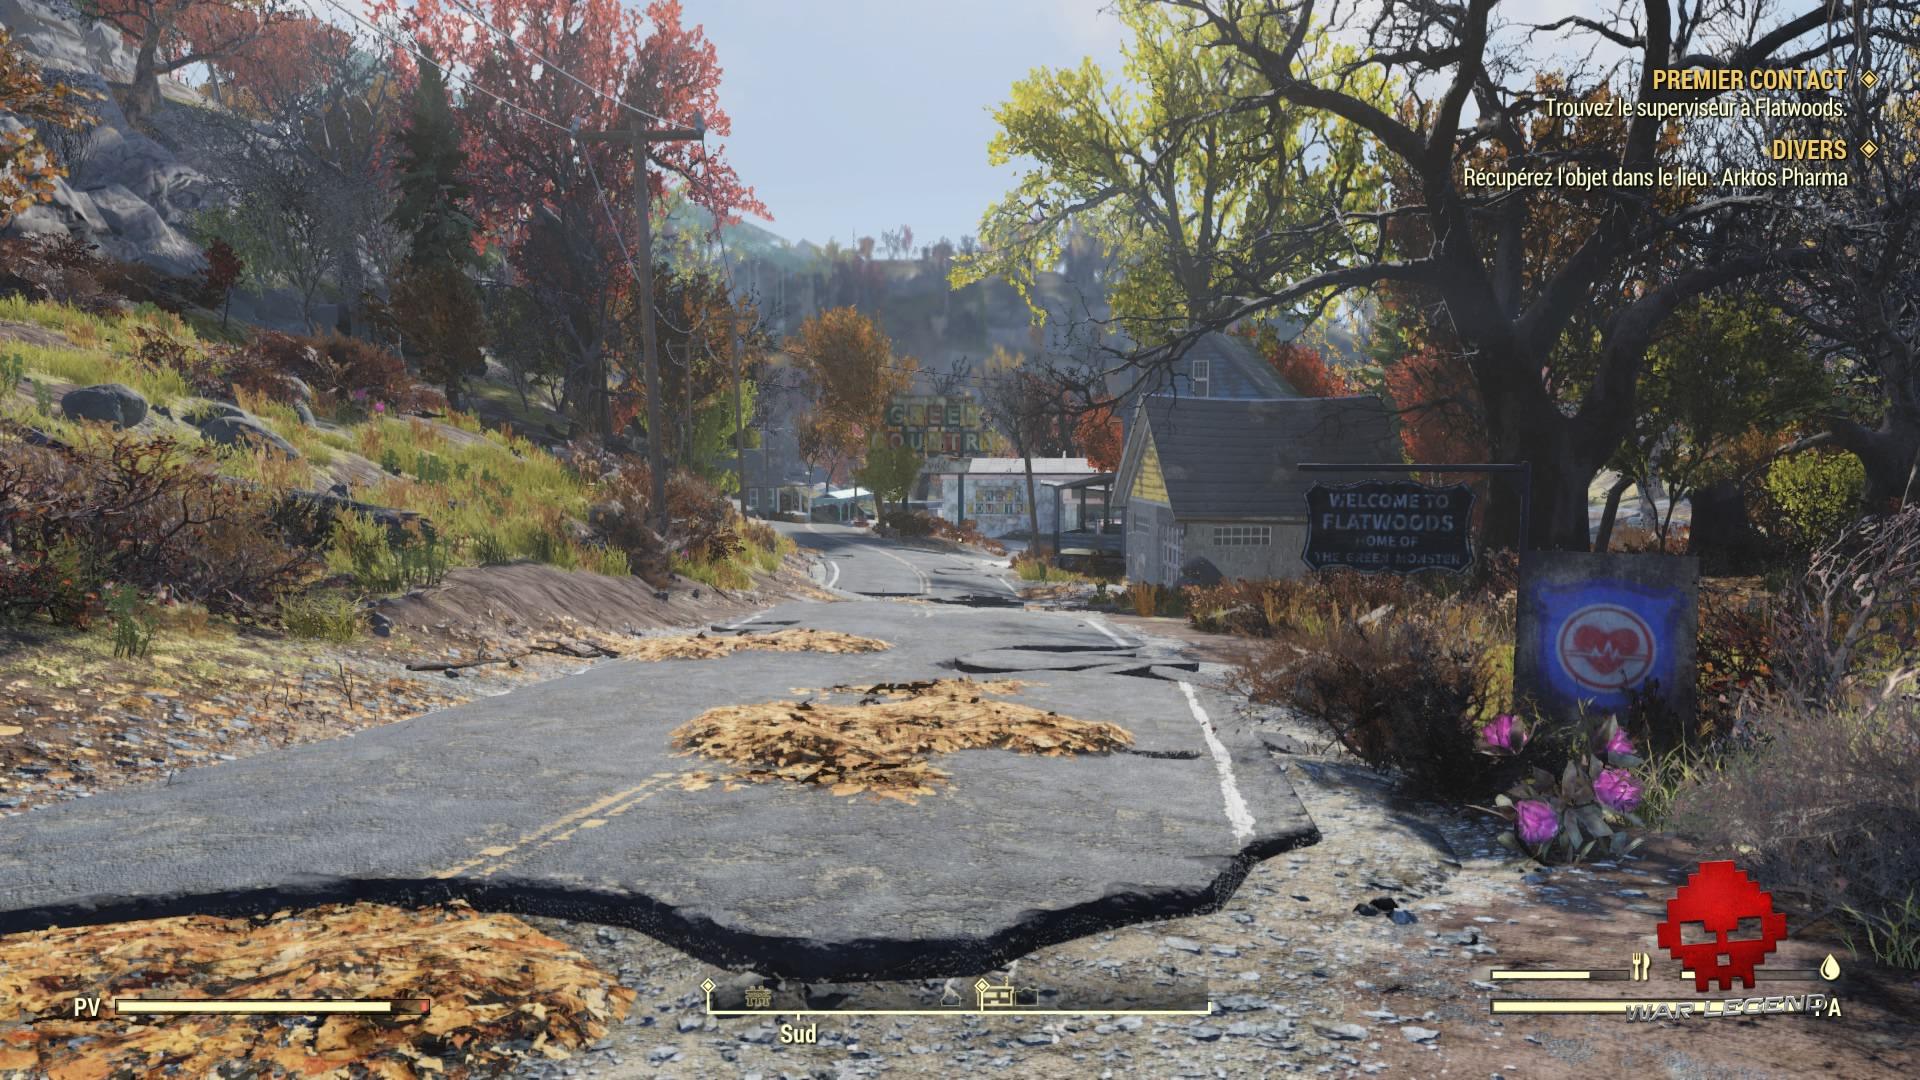 Fallout 76 bienvenu à flatwoods